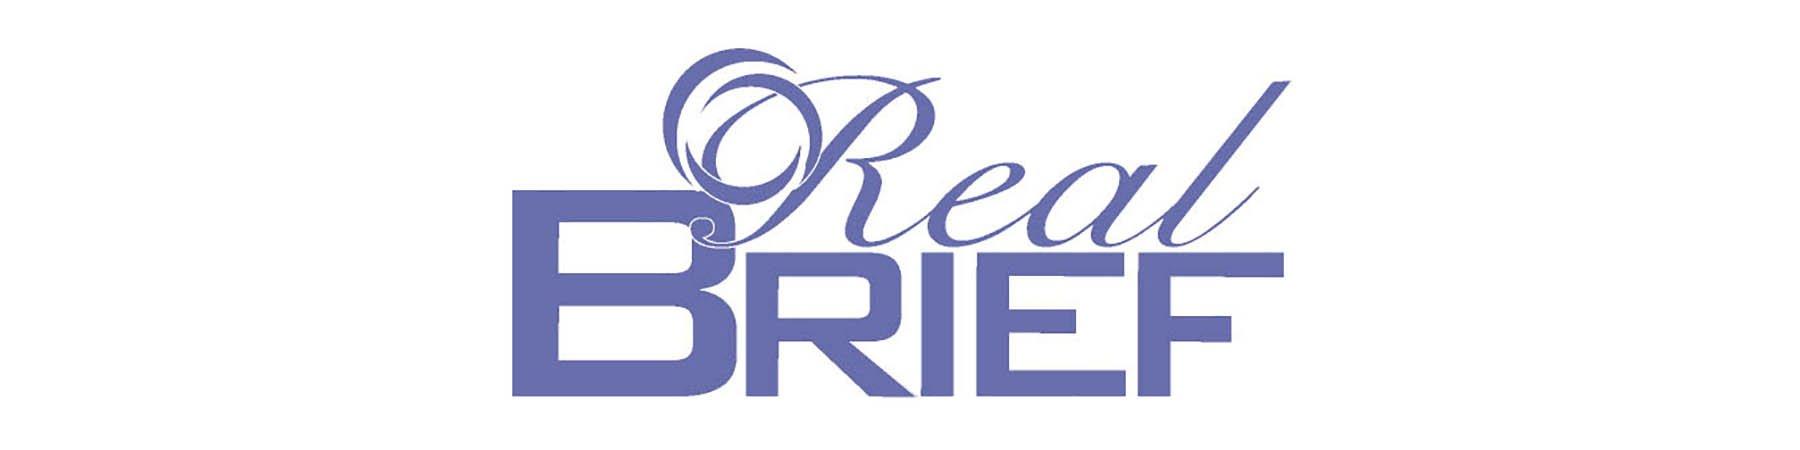 citywork designed Real Estate Publication Logo